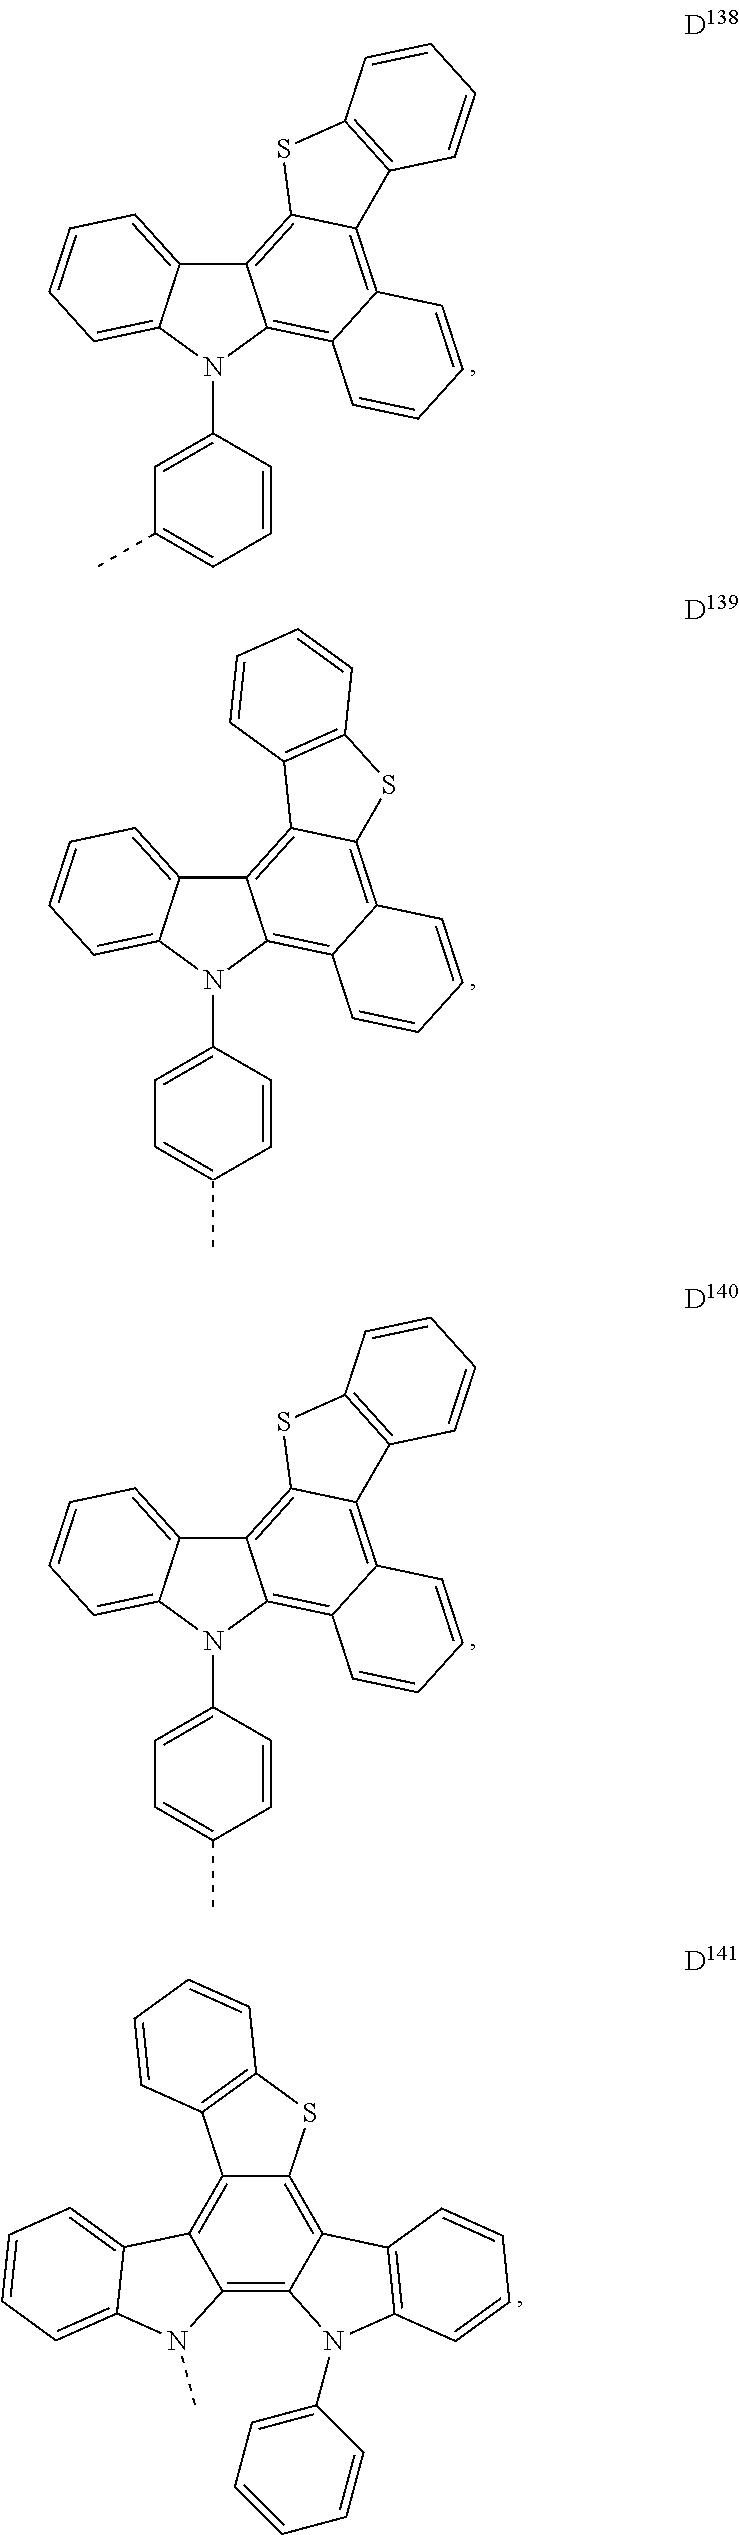 Figure US20170033295A1-20170202-C00221